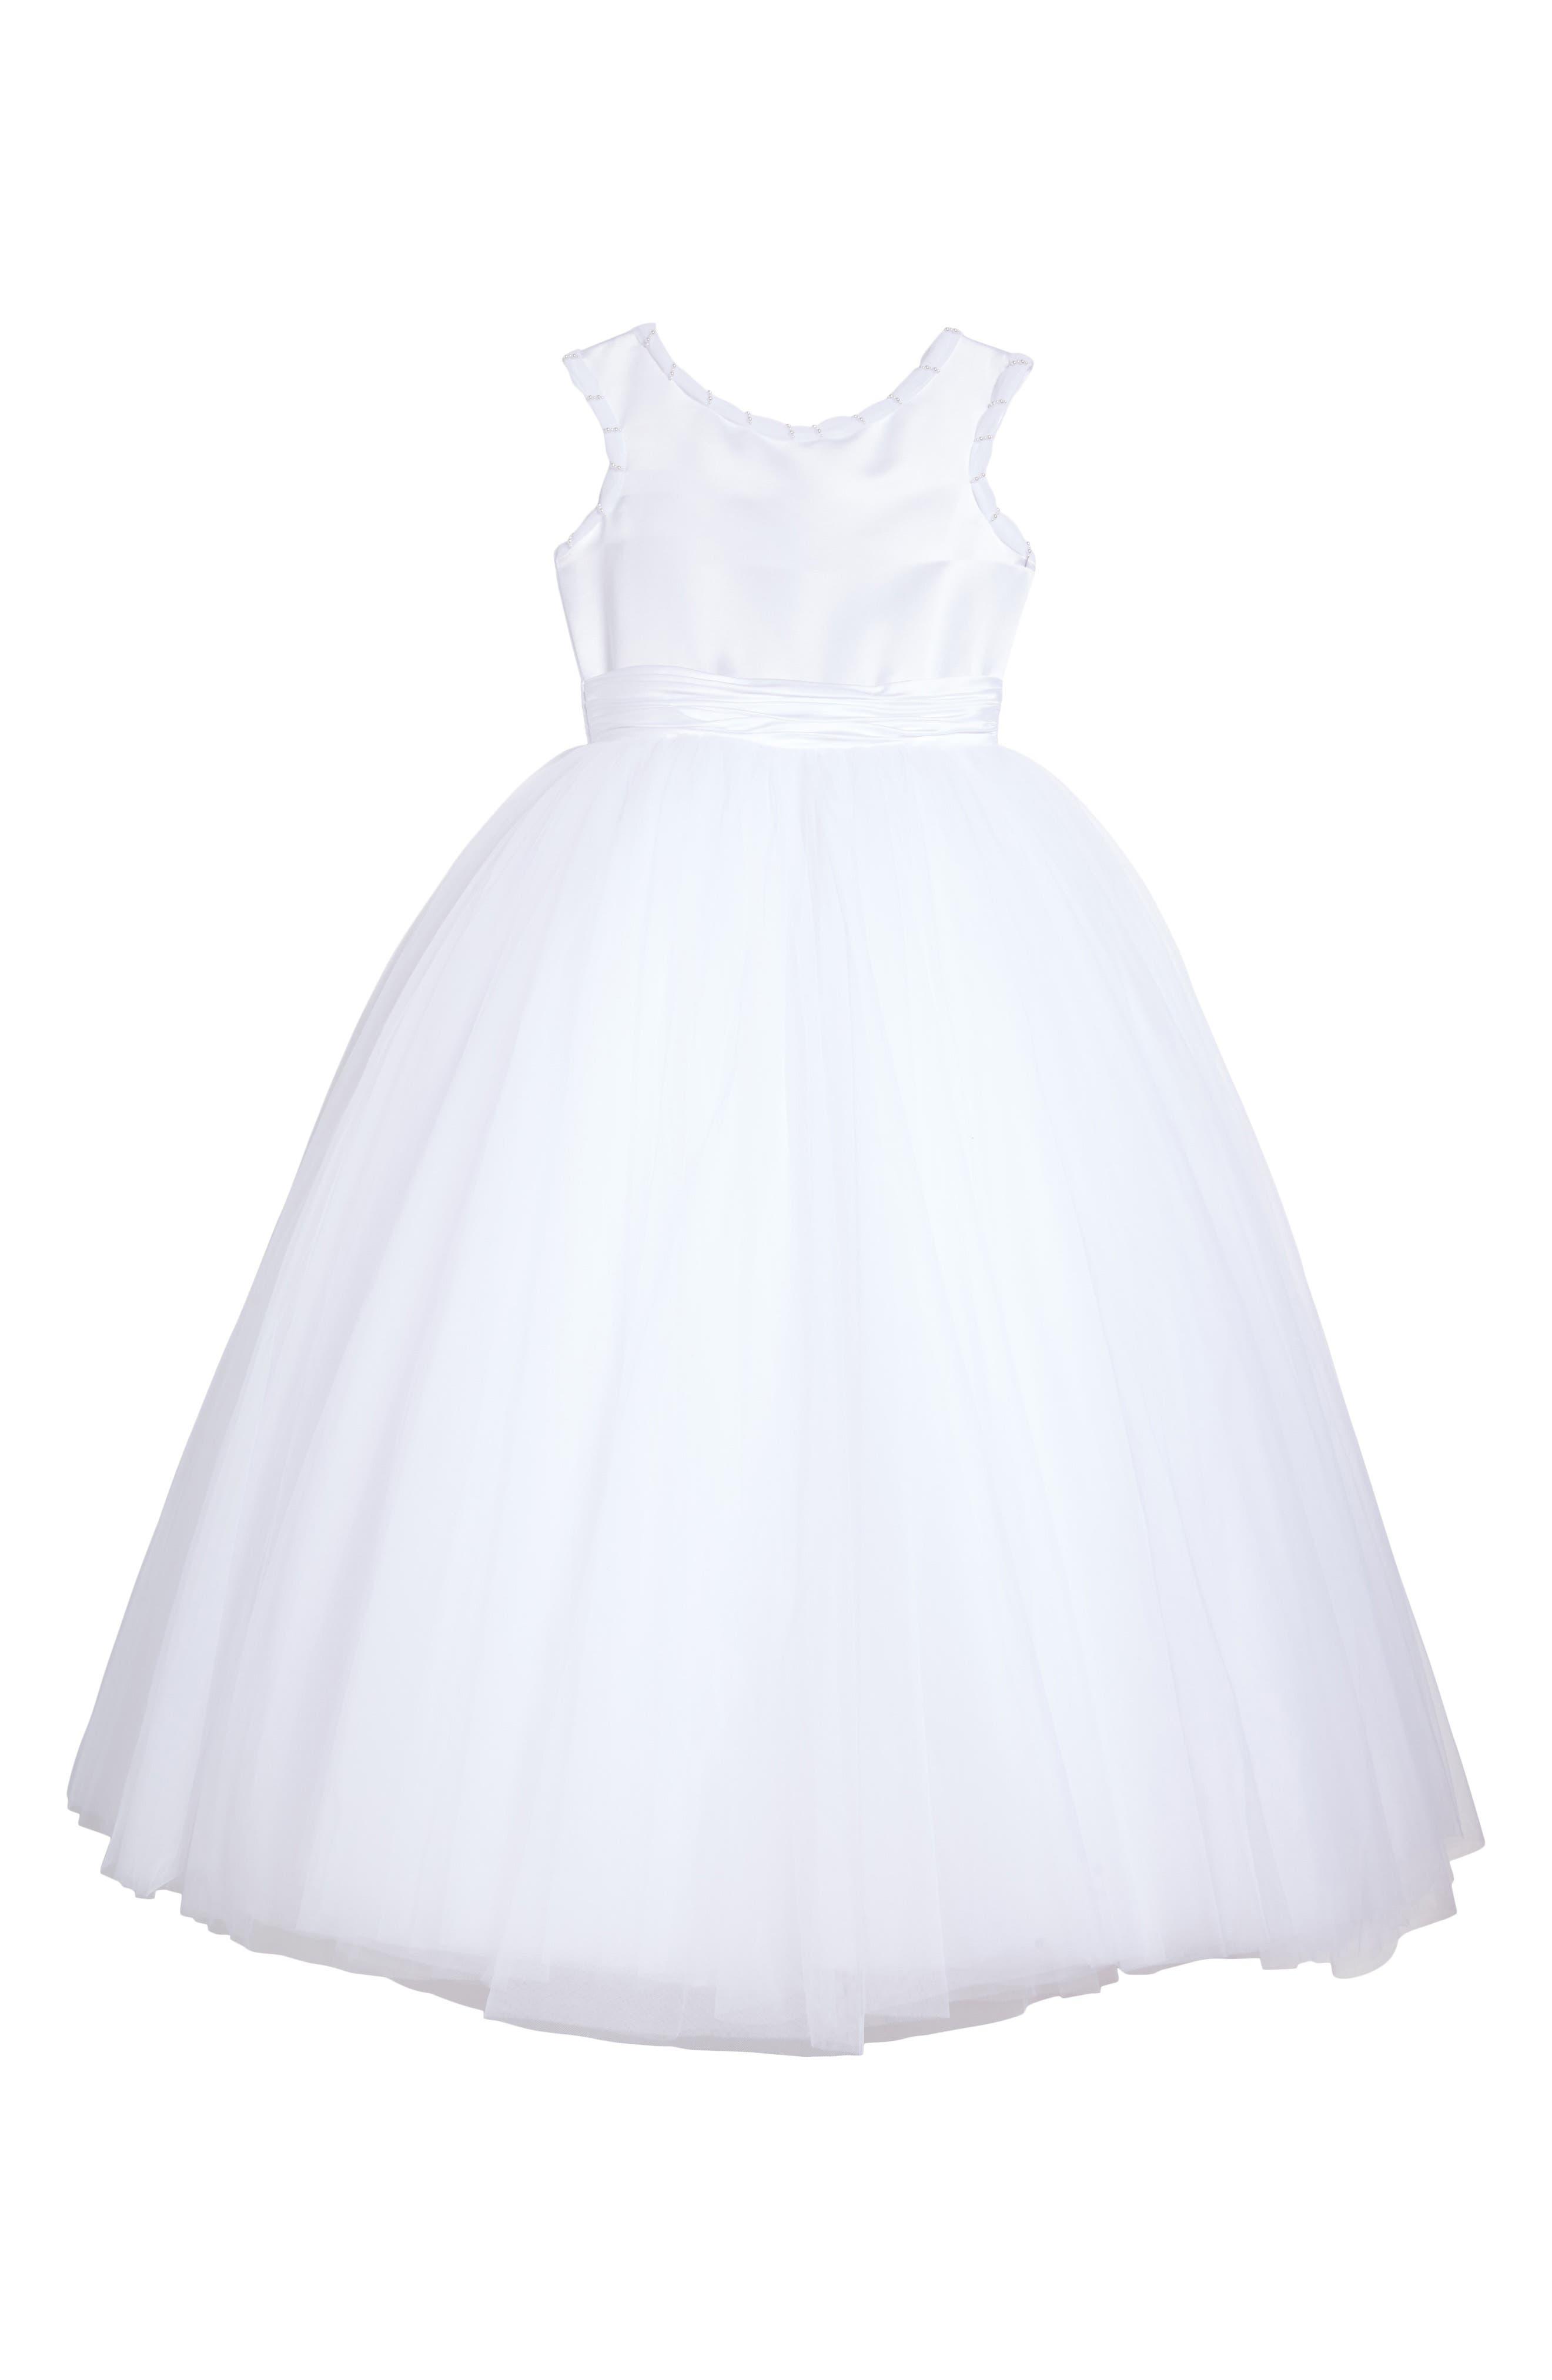 Joan Calabrese for Mon Cheri Tulle Dress (Little Girls & Big Girls)